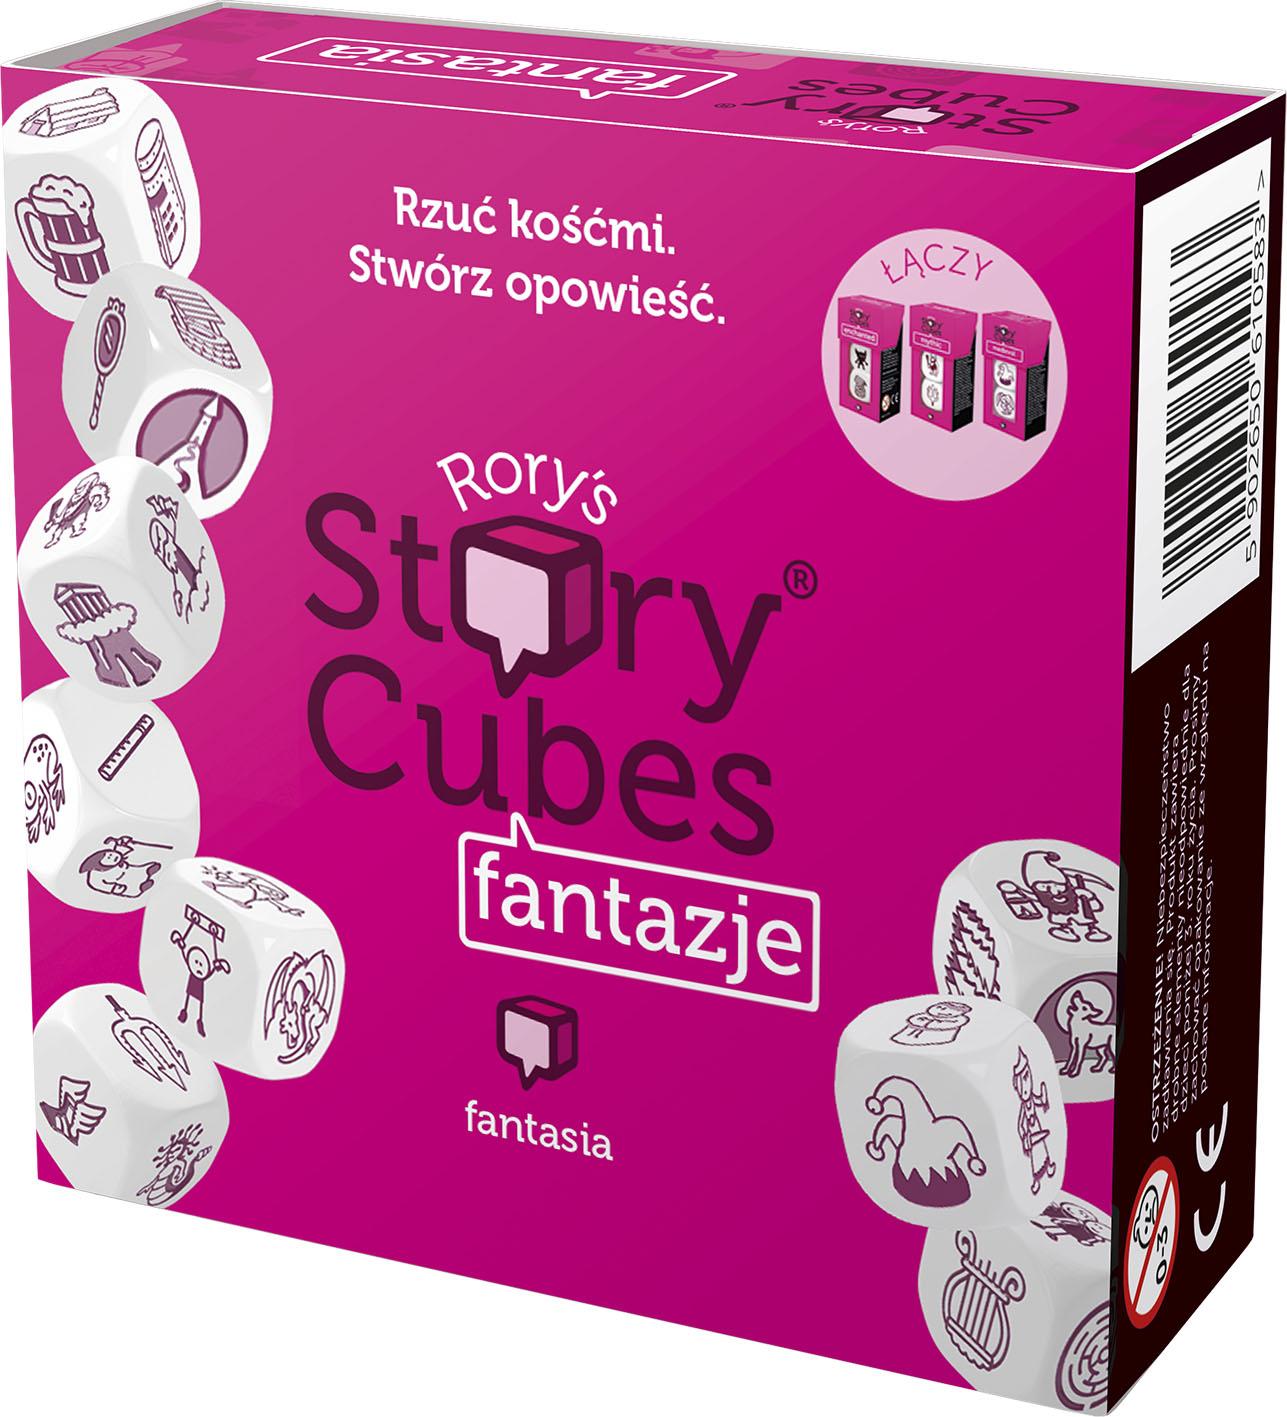 Story Cubes: Fantazje (Gra Karciana)